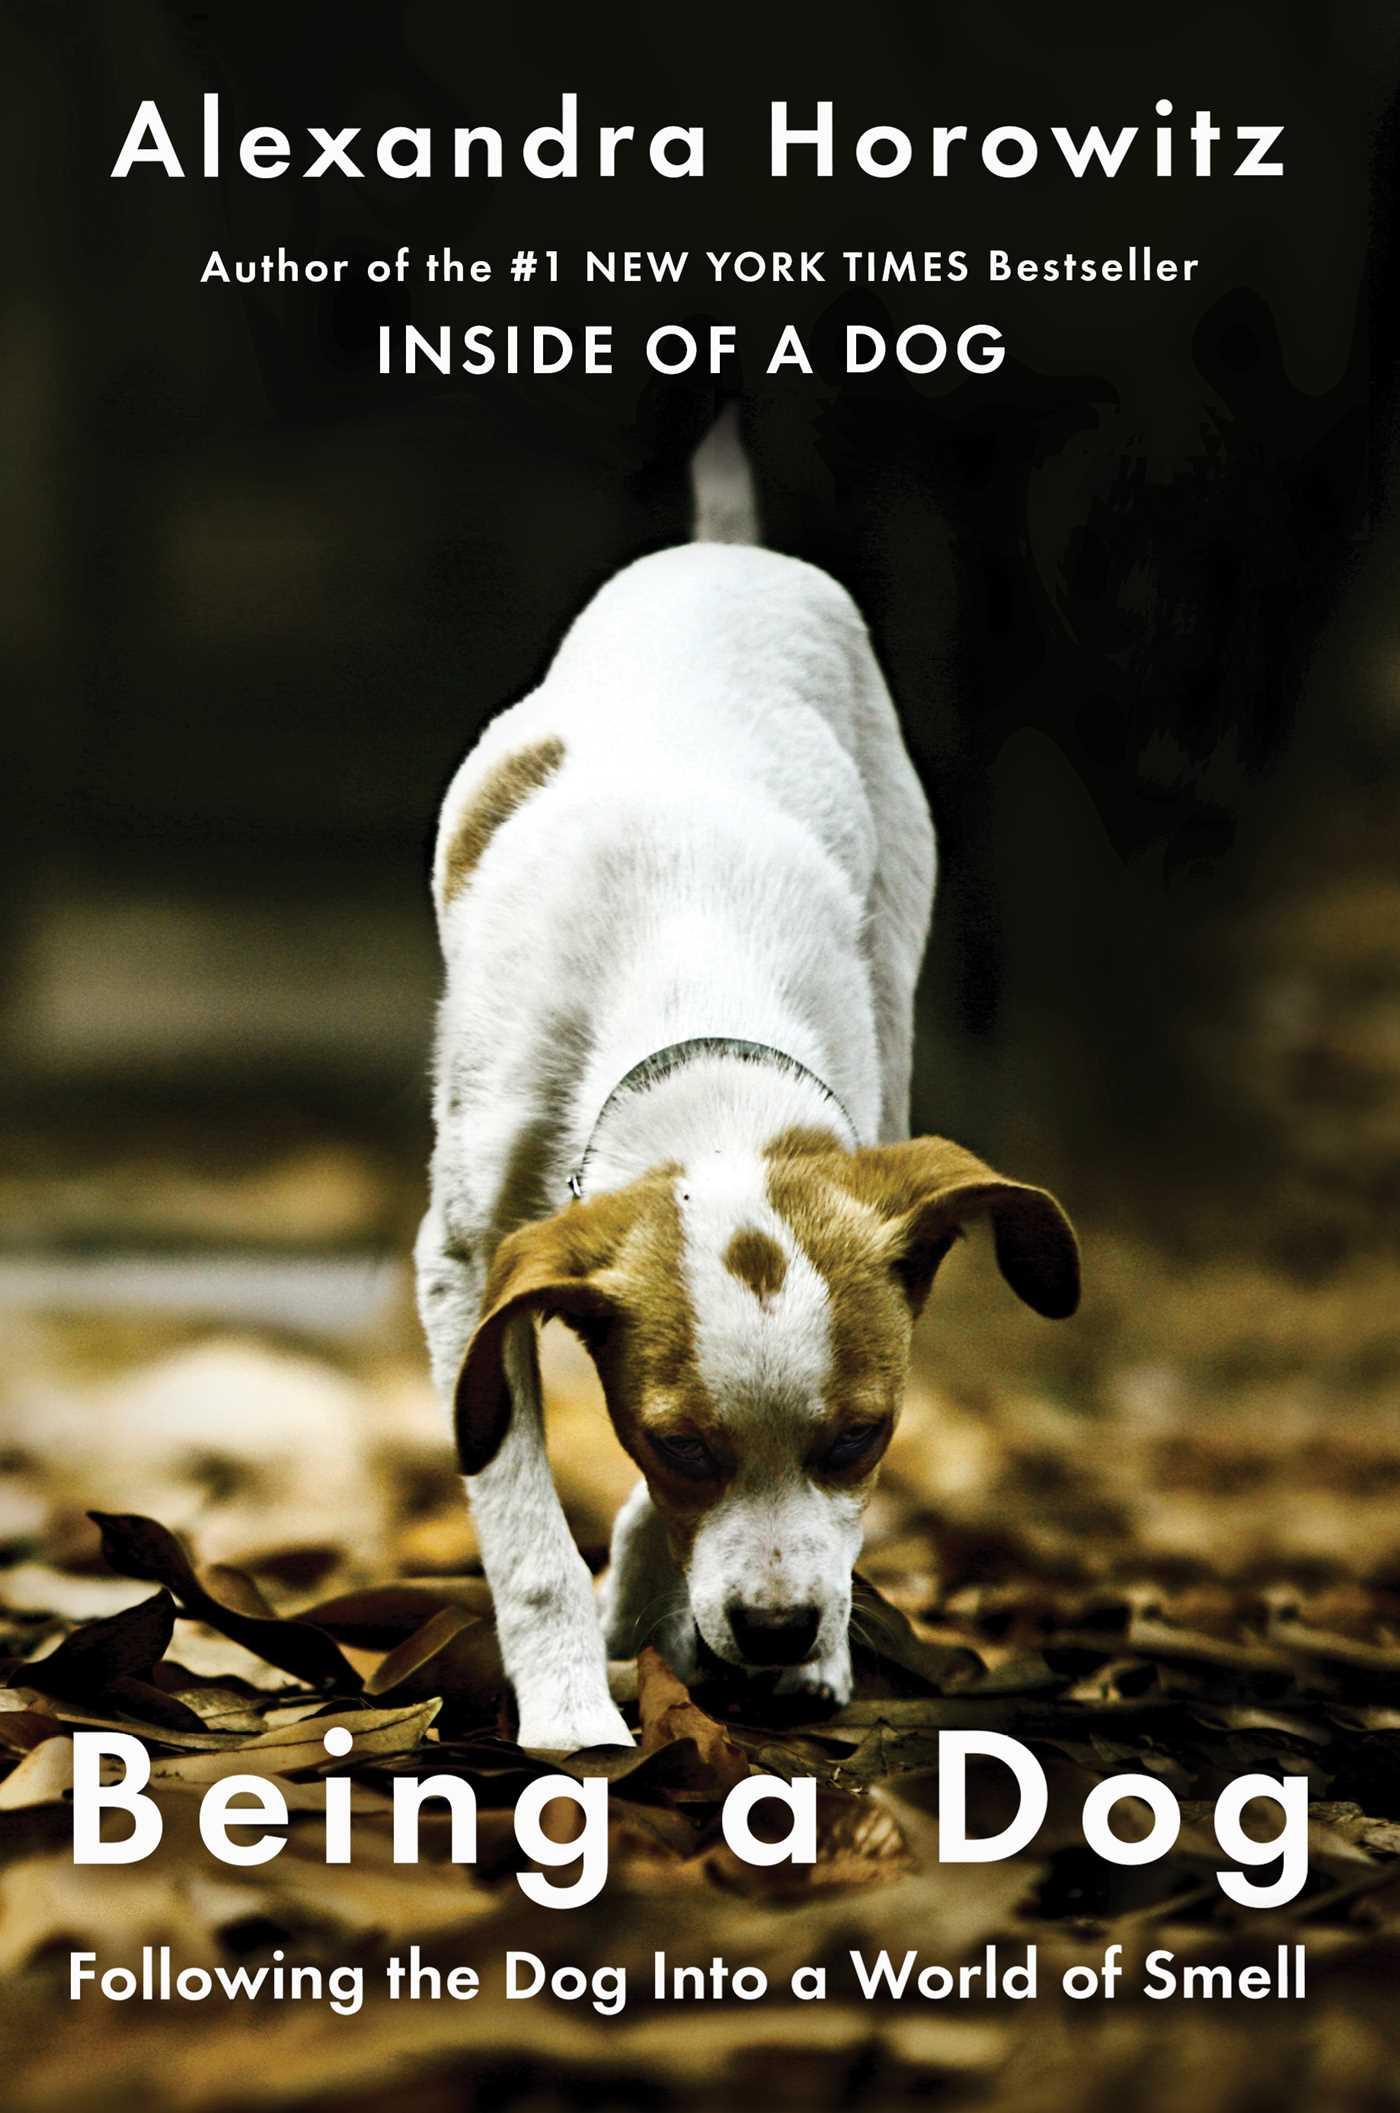 being-a-dog-9781476795997_hr